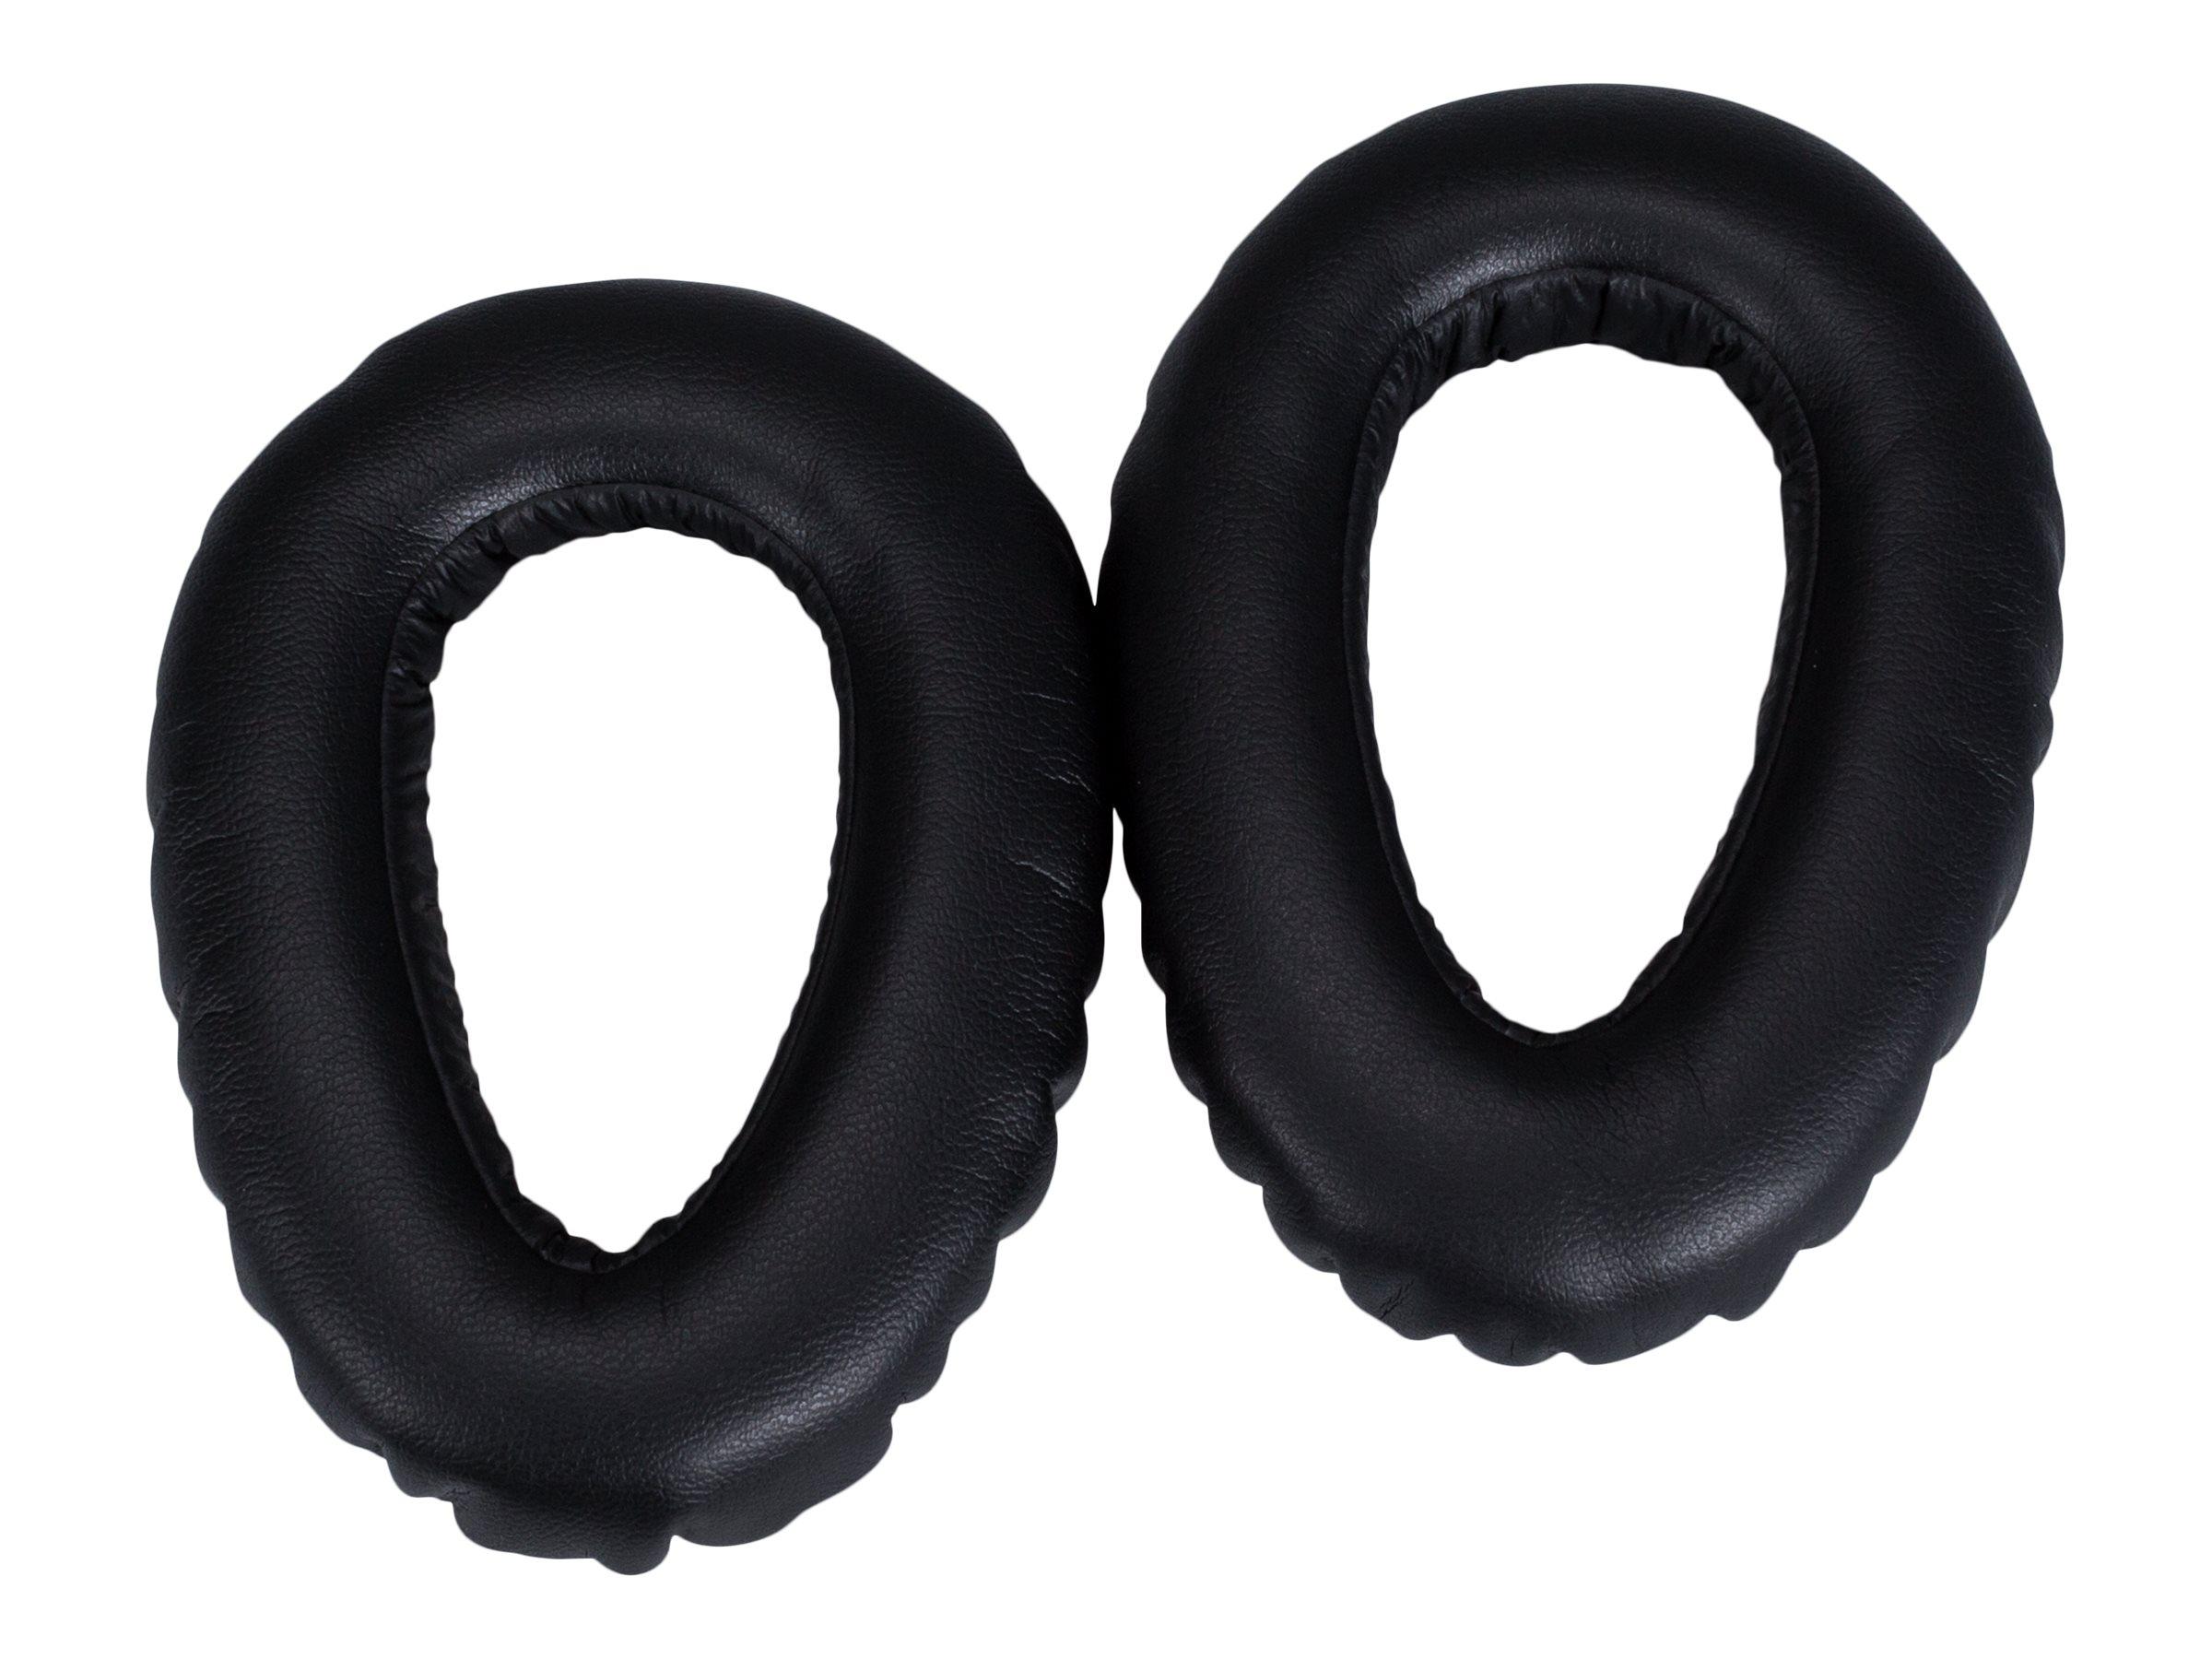 EPOS I SENNHEISER - Ohrenstöpsel für Headset (Packung mit 2) - für ADAPT 660